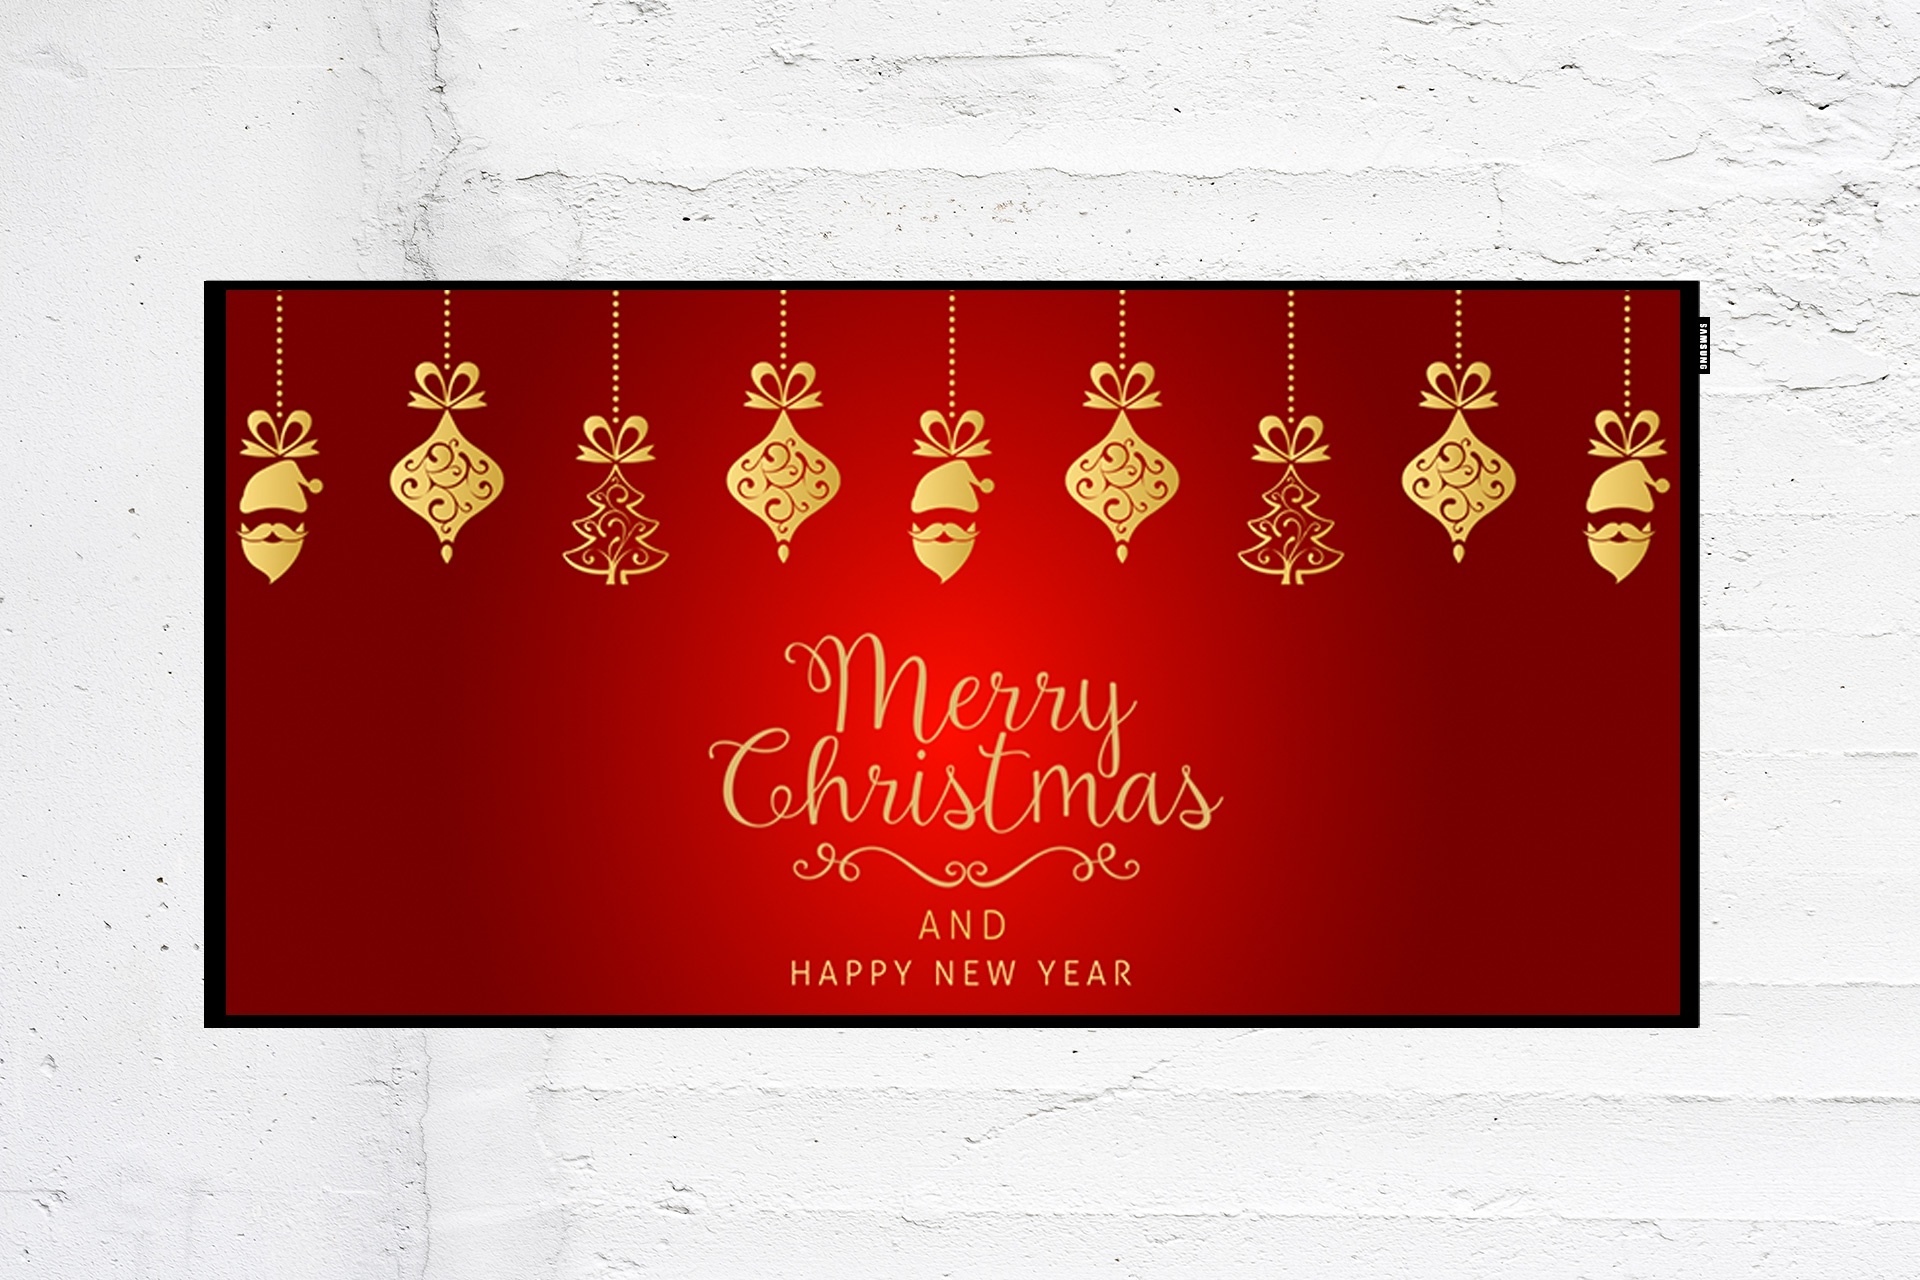 Christmas_artikkel